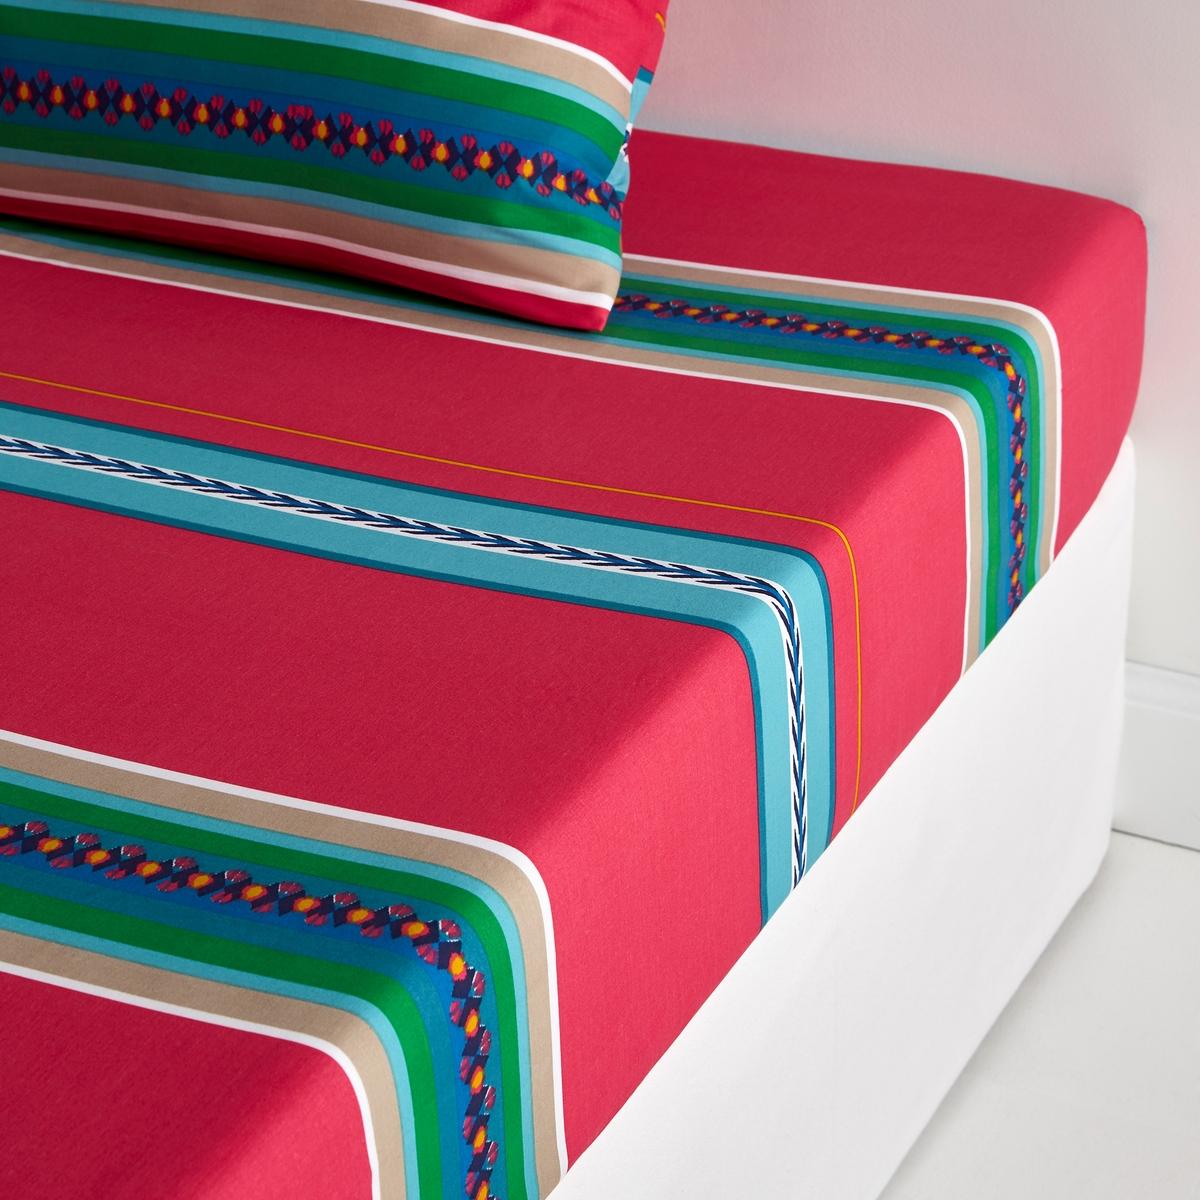 Простыня натяжная NazcaСоответствие размеров натяжной простыни:     90 x 190 см: 1-спальная140 x 190 см: 2-спальная160 x 200 см: 2-спальная             Машинная стирка при 60 °С.Яркие полоски в стиле мексиканского фольклора.<br><br>Цвет: розовый с рисунком